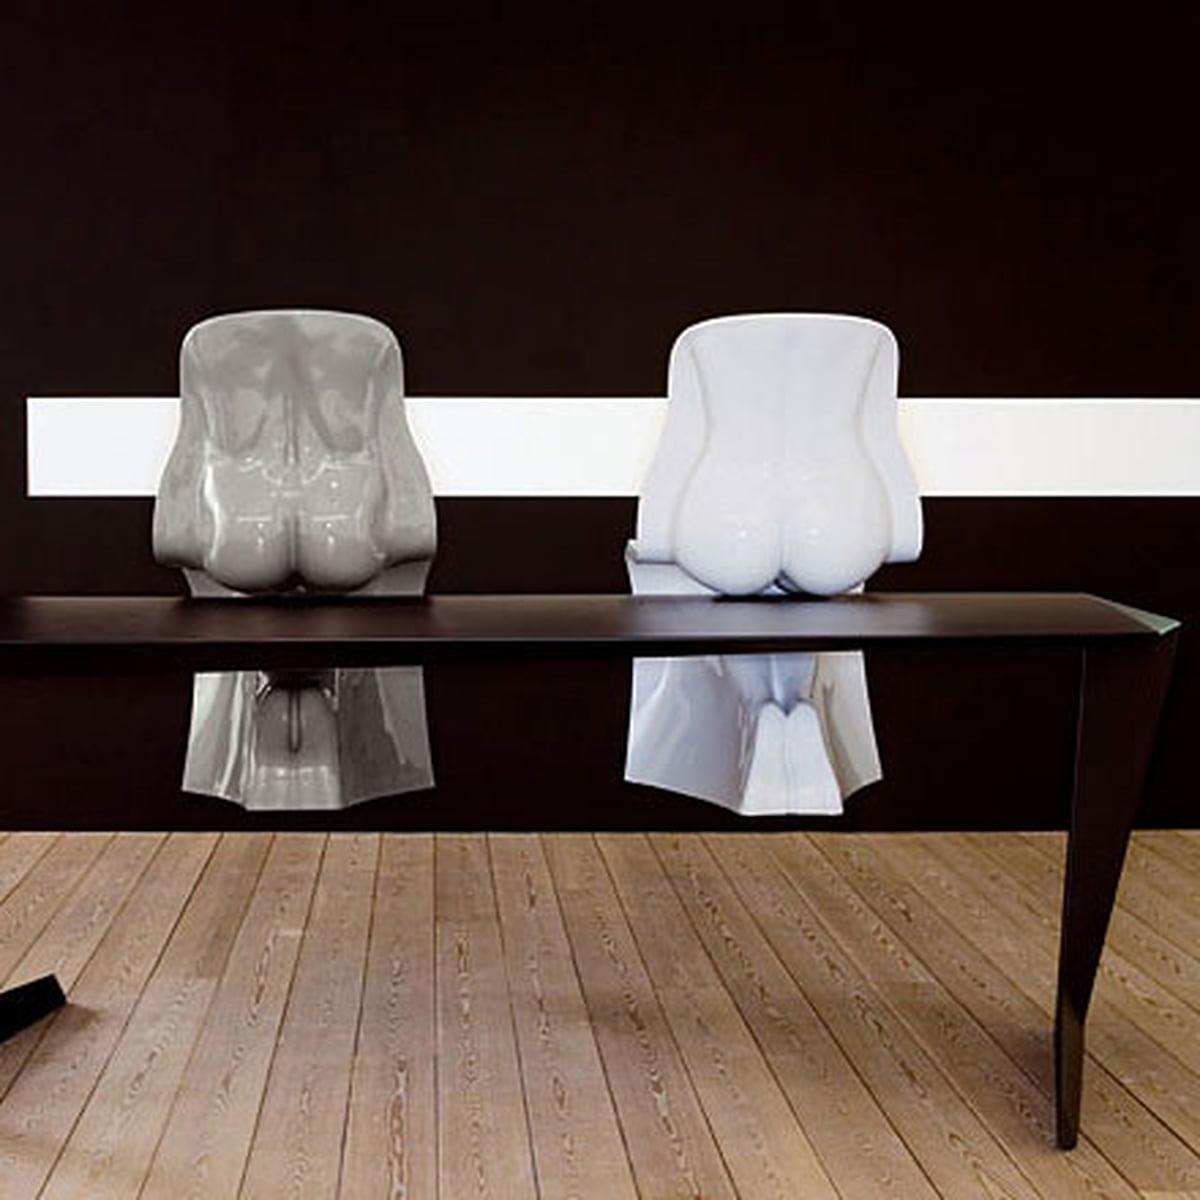 him&her chair |casamania | connox online shop, Möbel